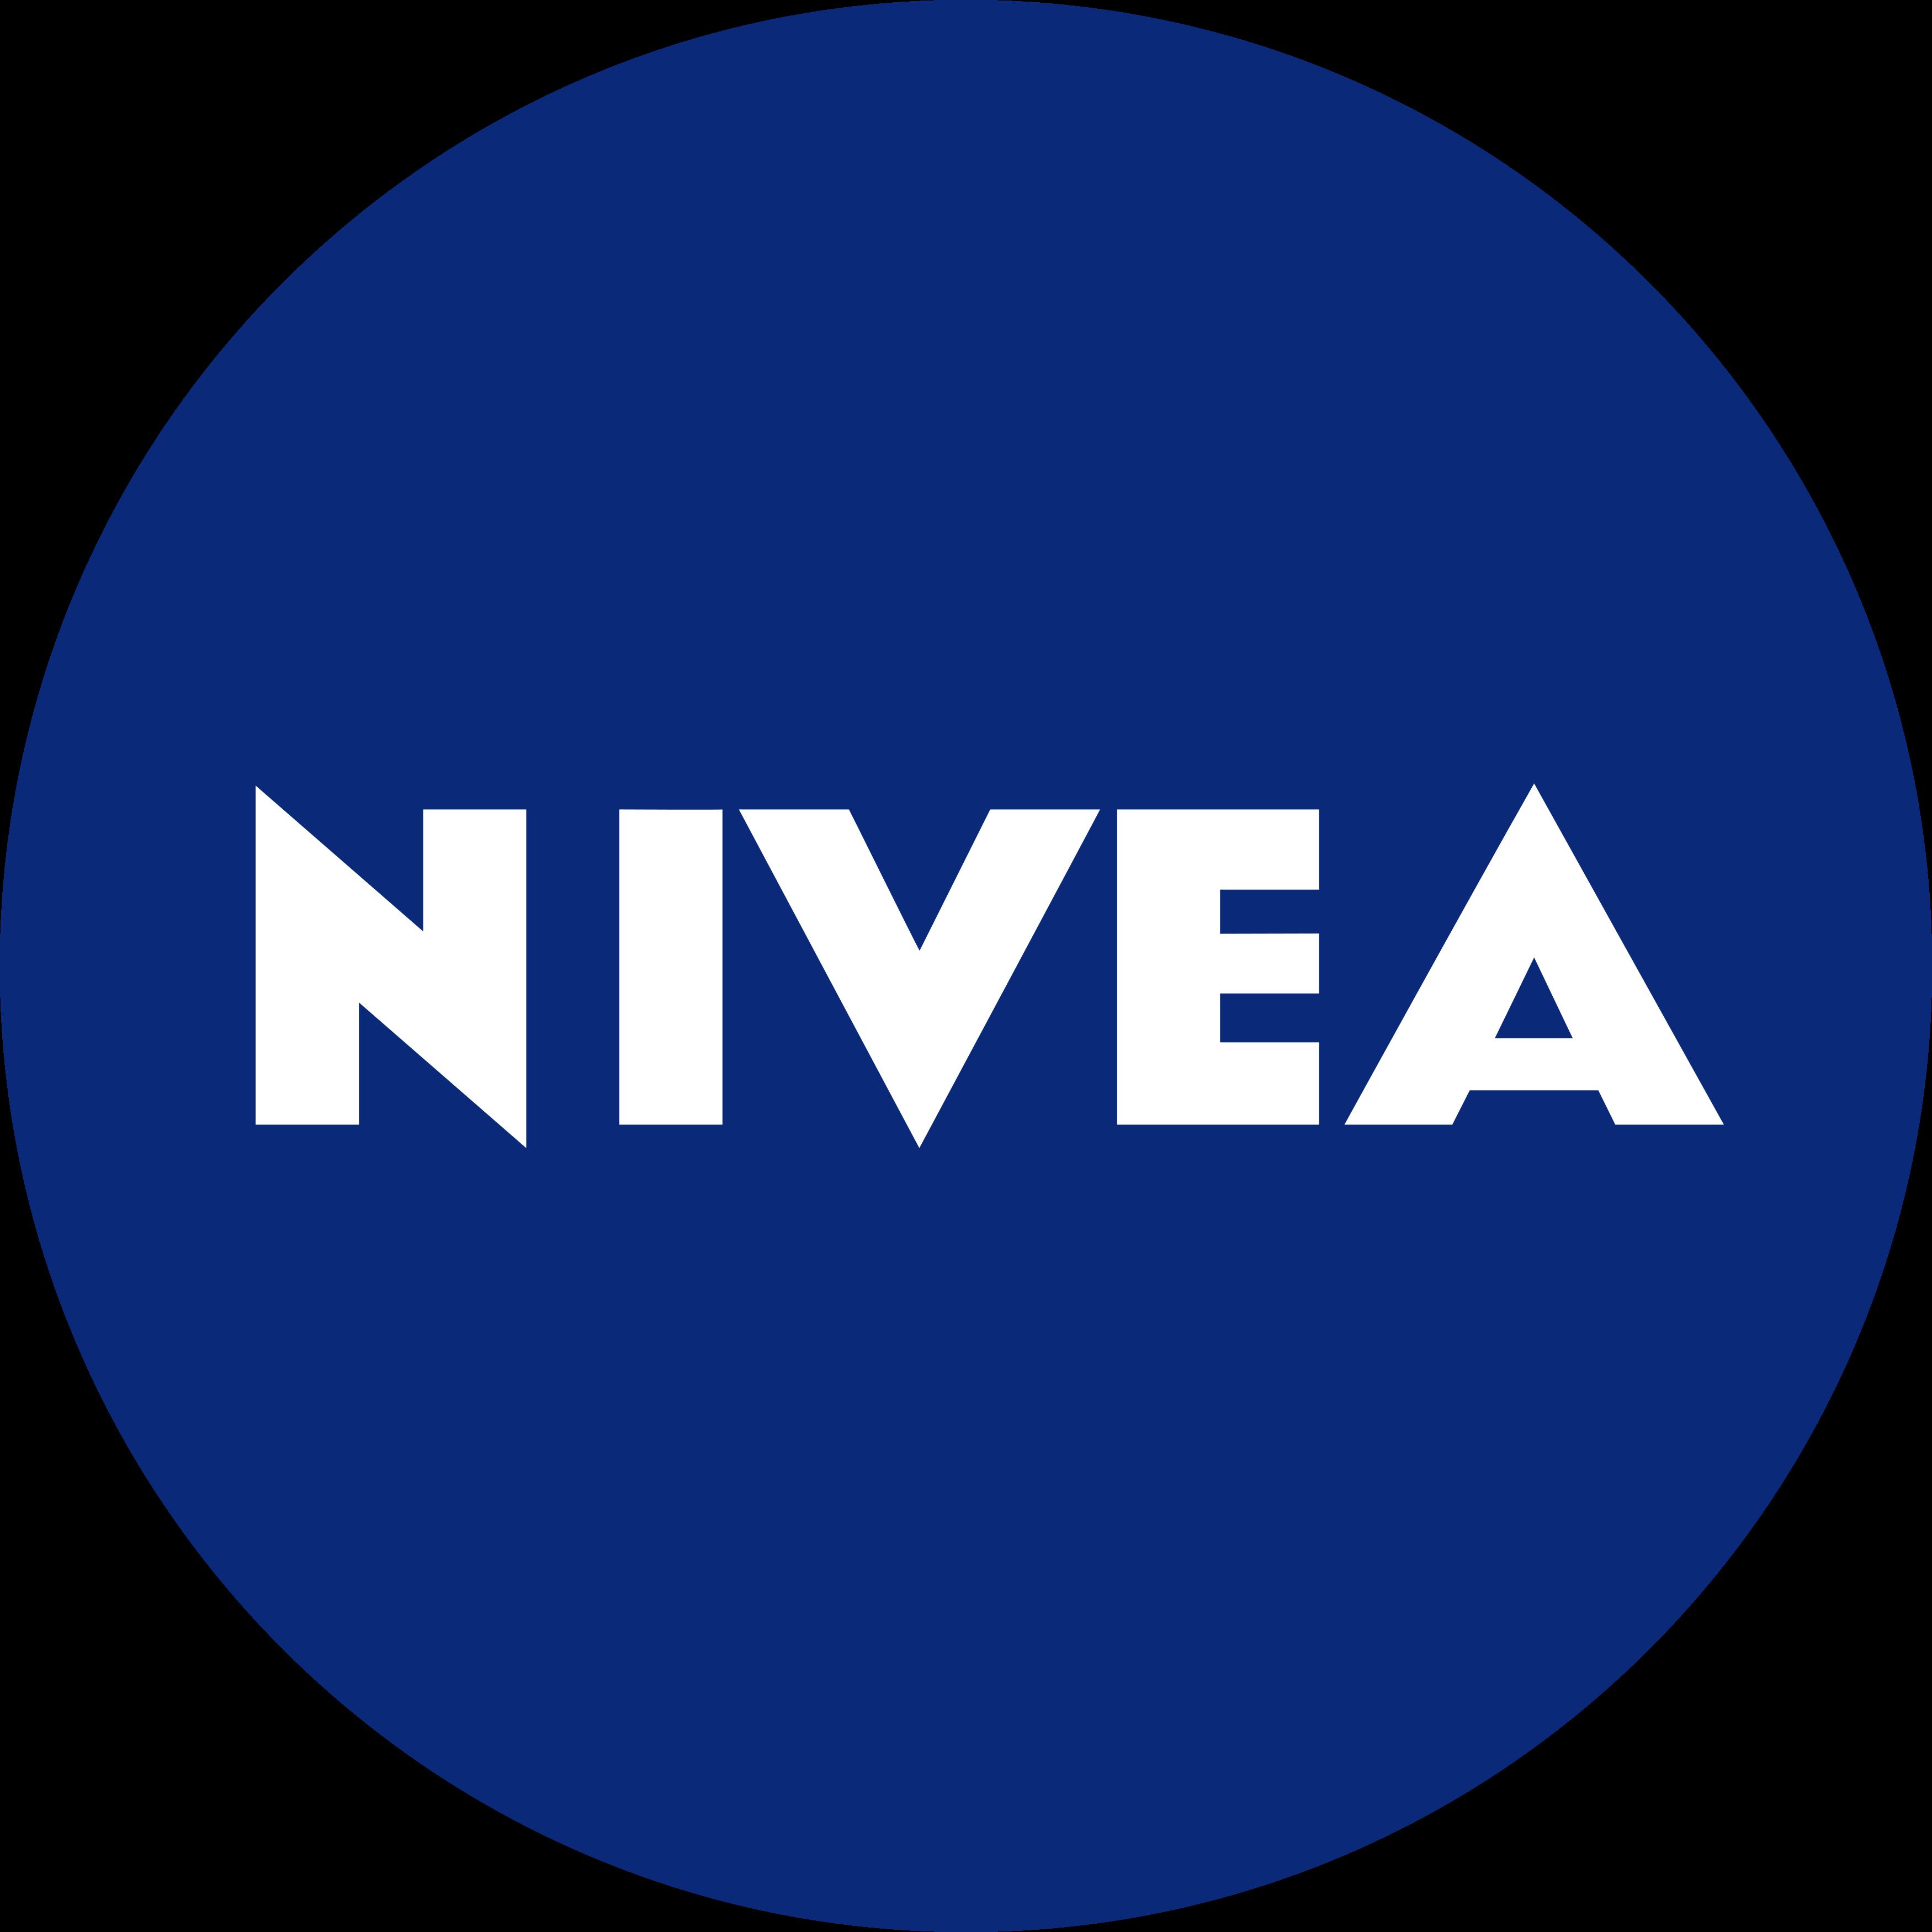 nivea logo - Nivea Logo